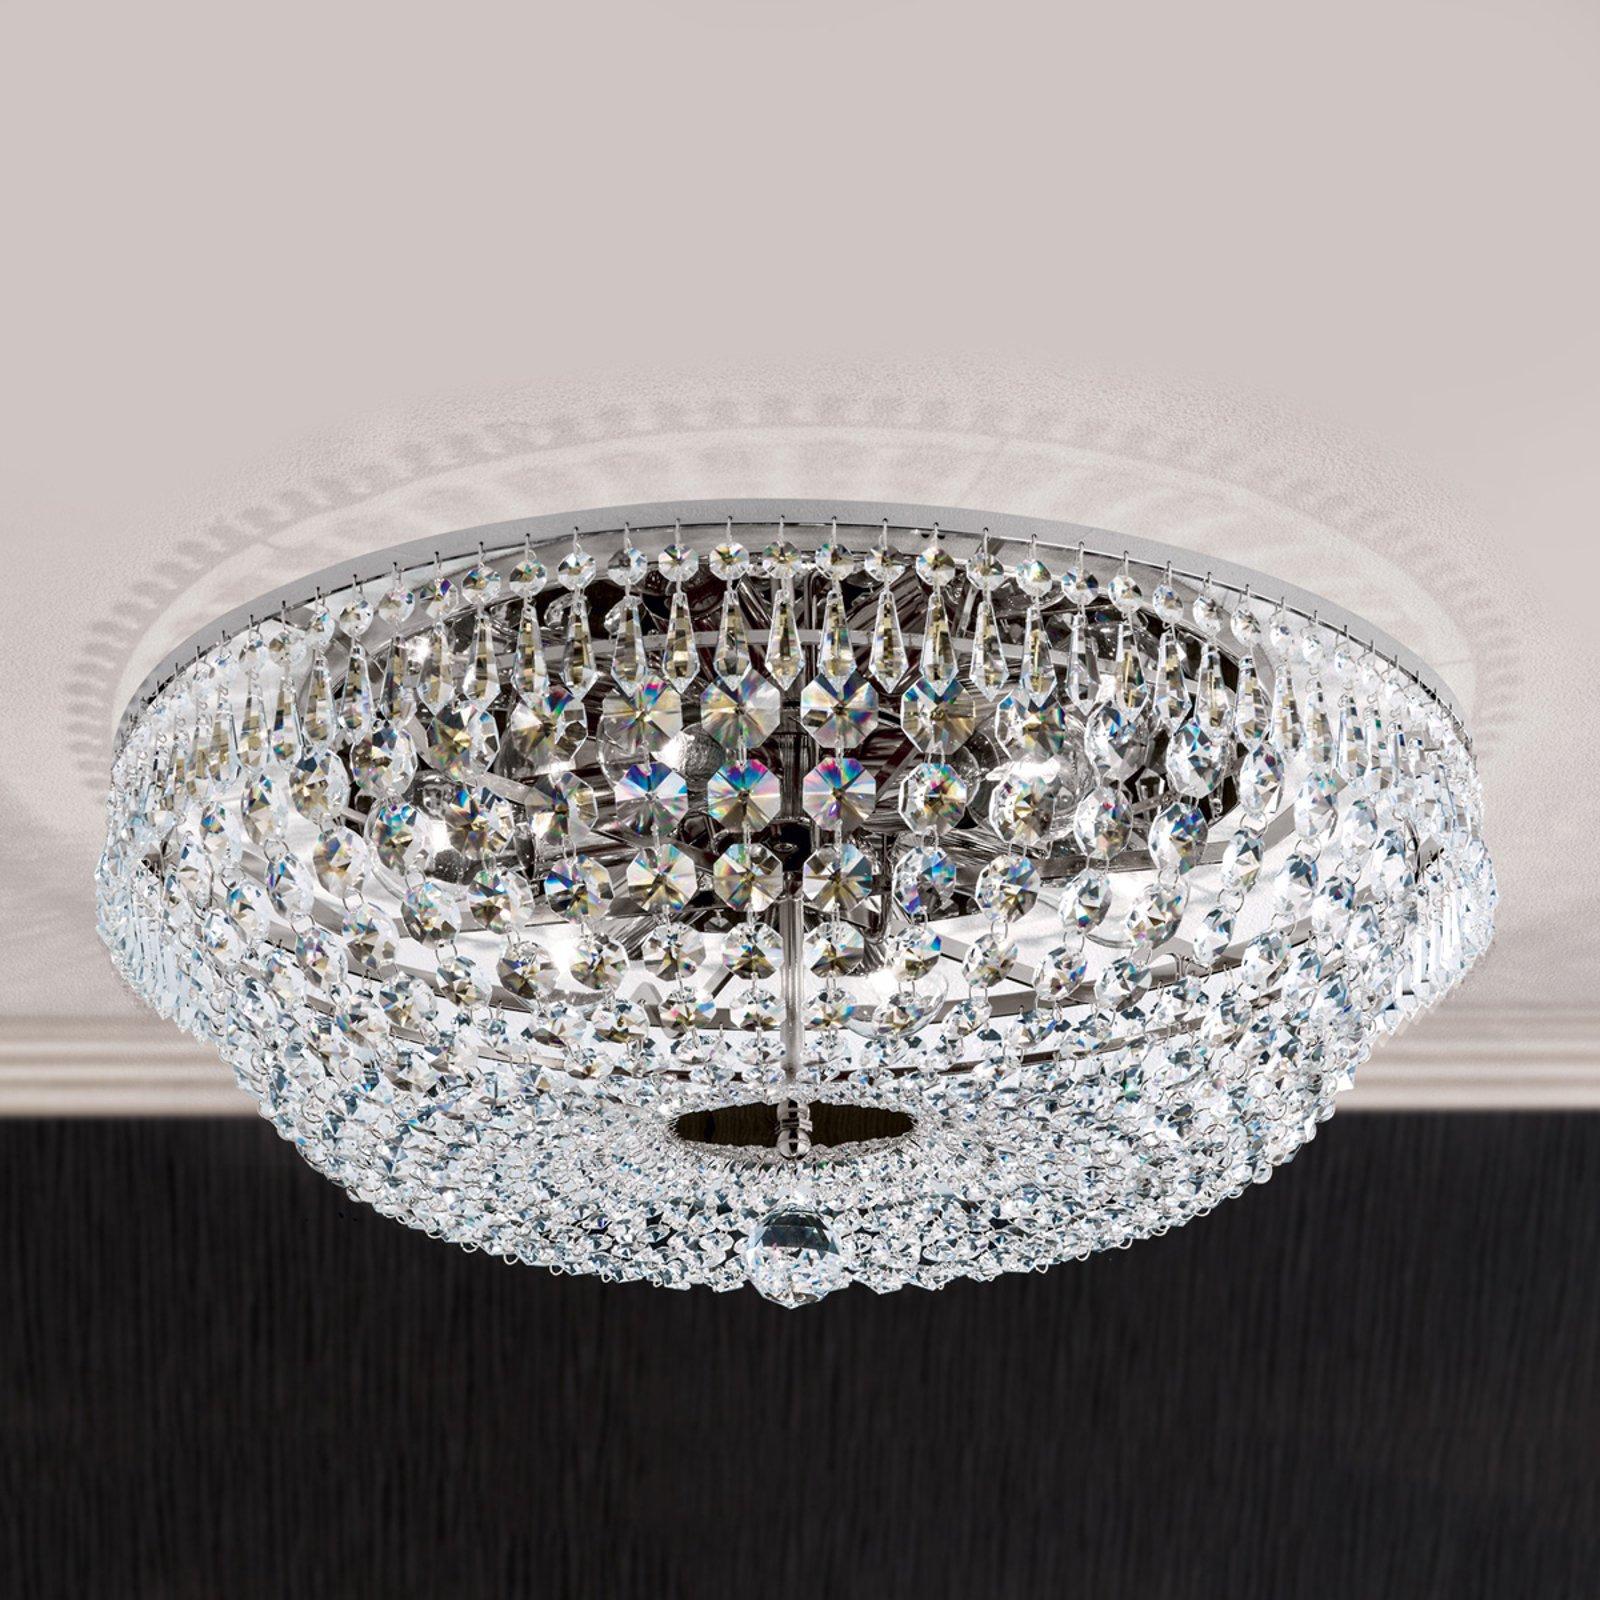 SHERATA taklampe med kromrand 55 cm